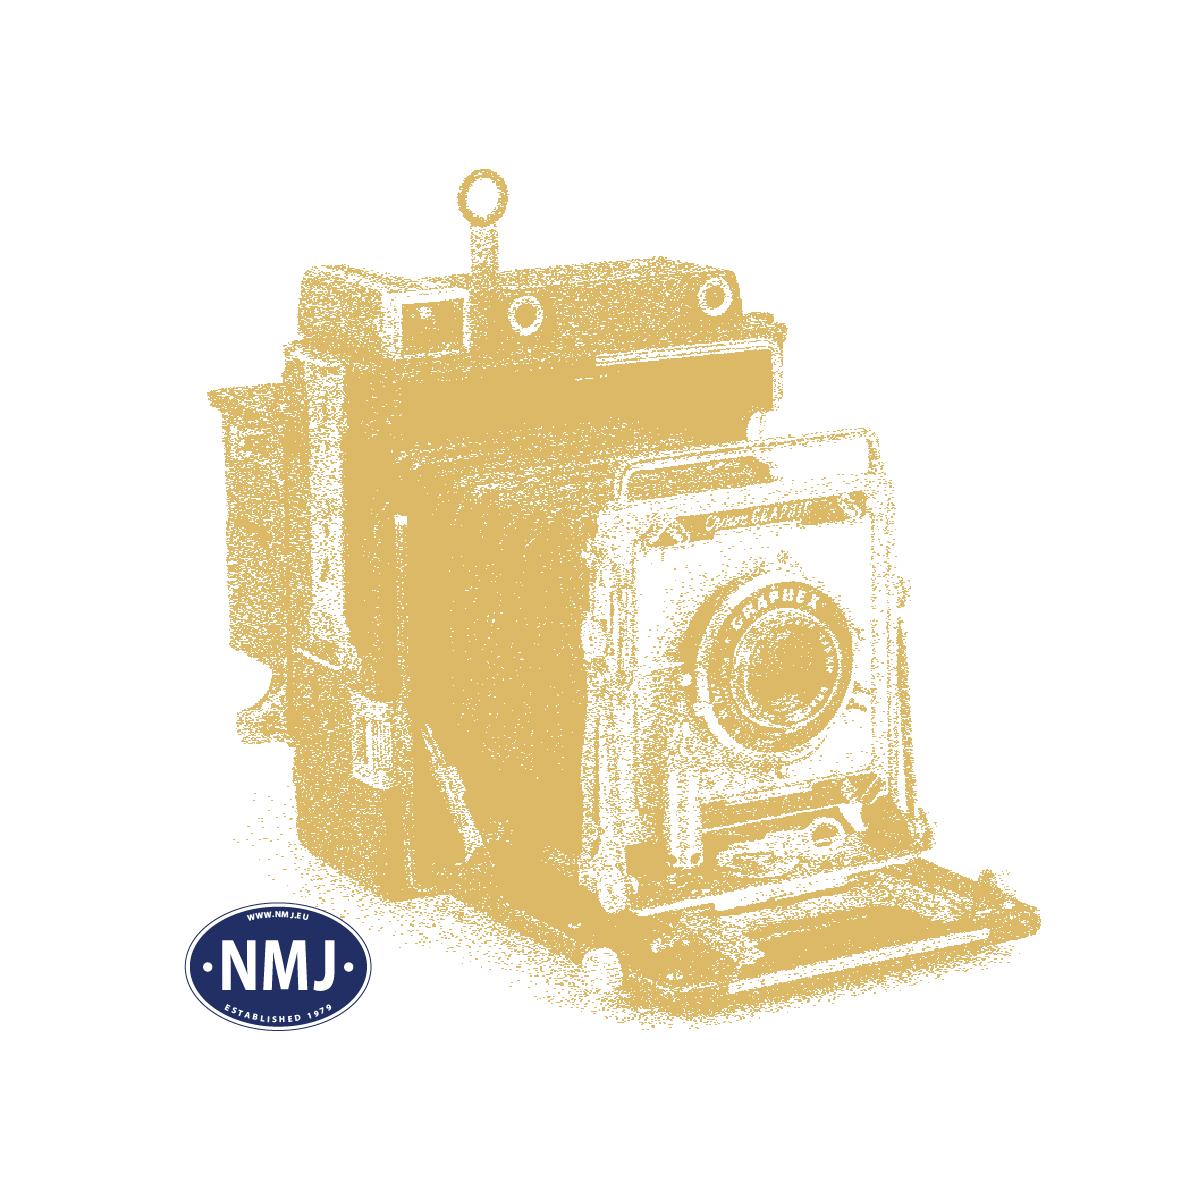 NMJT505.402 - NMJ Topline NSB Rps 31 76 393 3 498-4 m/ Finsam fliskasser (lastet med flis)